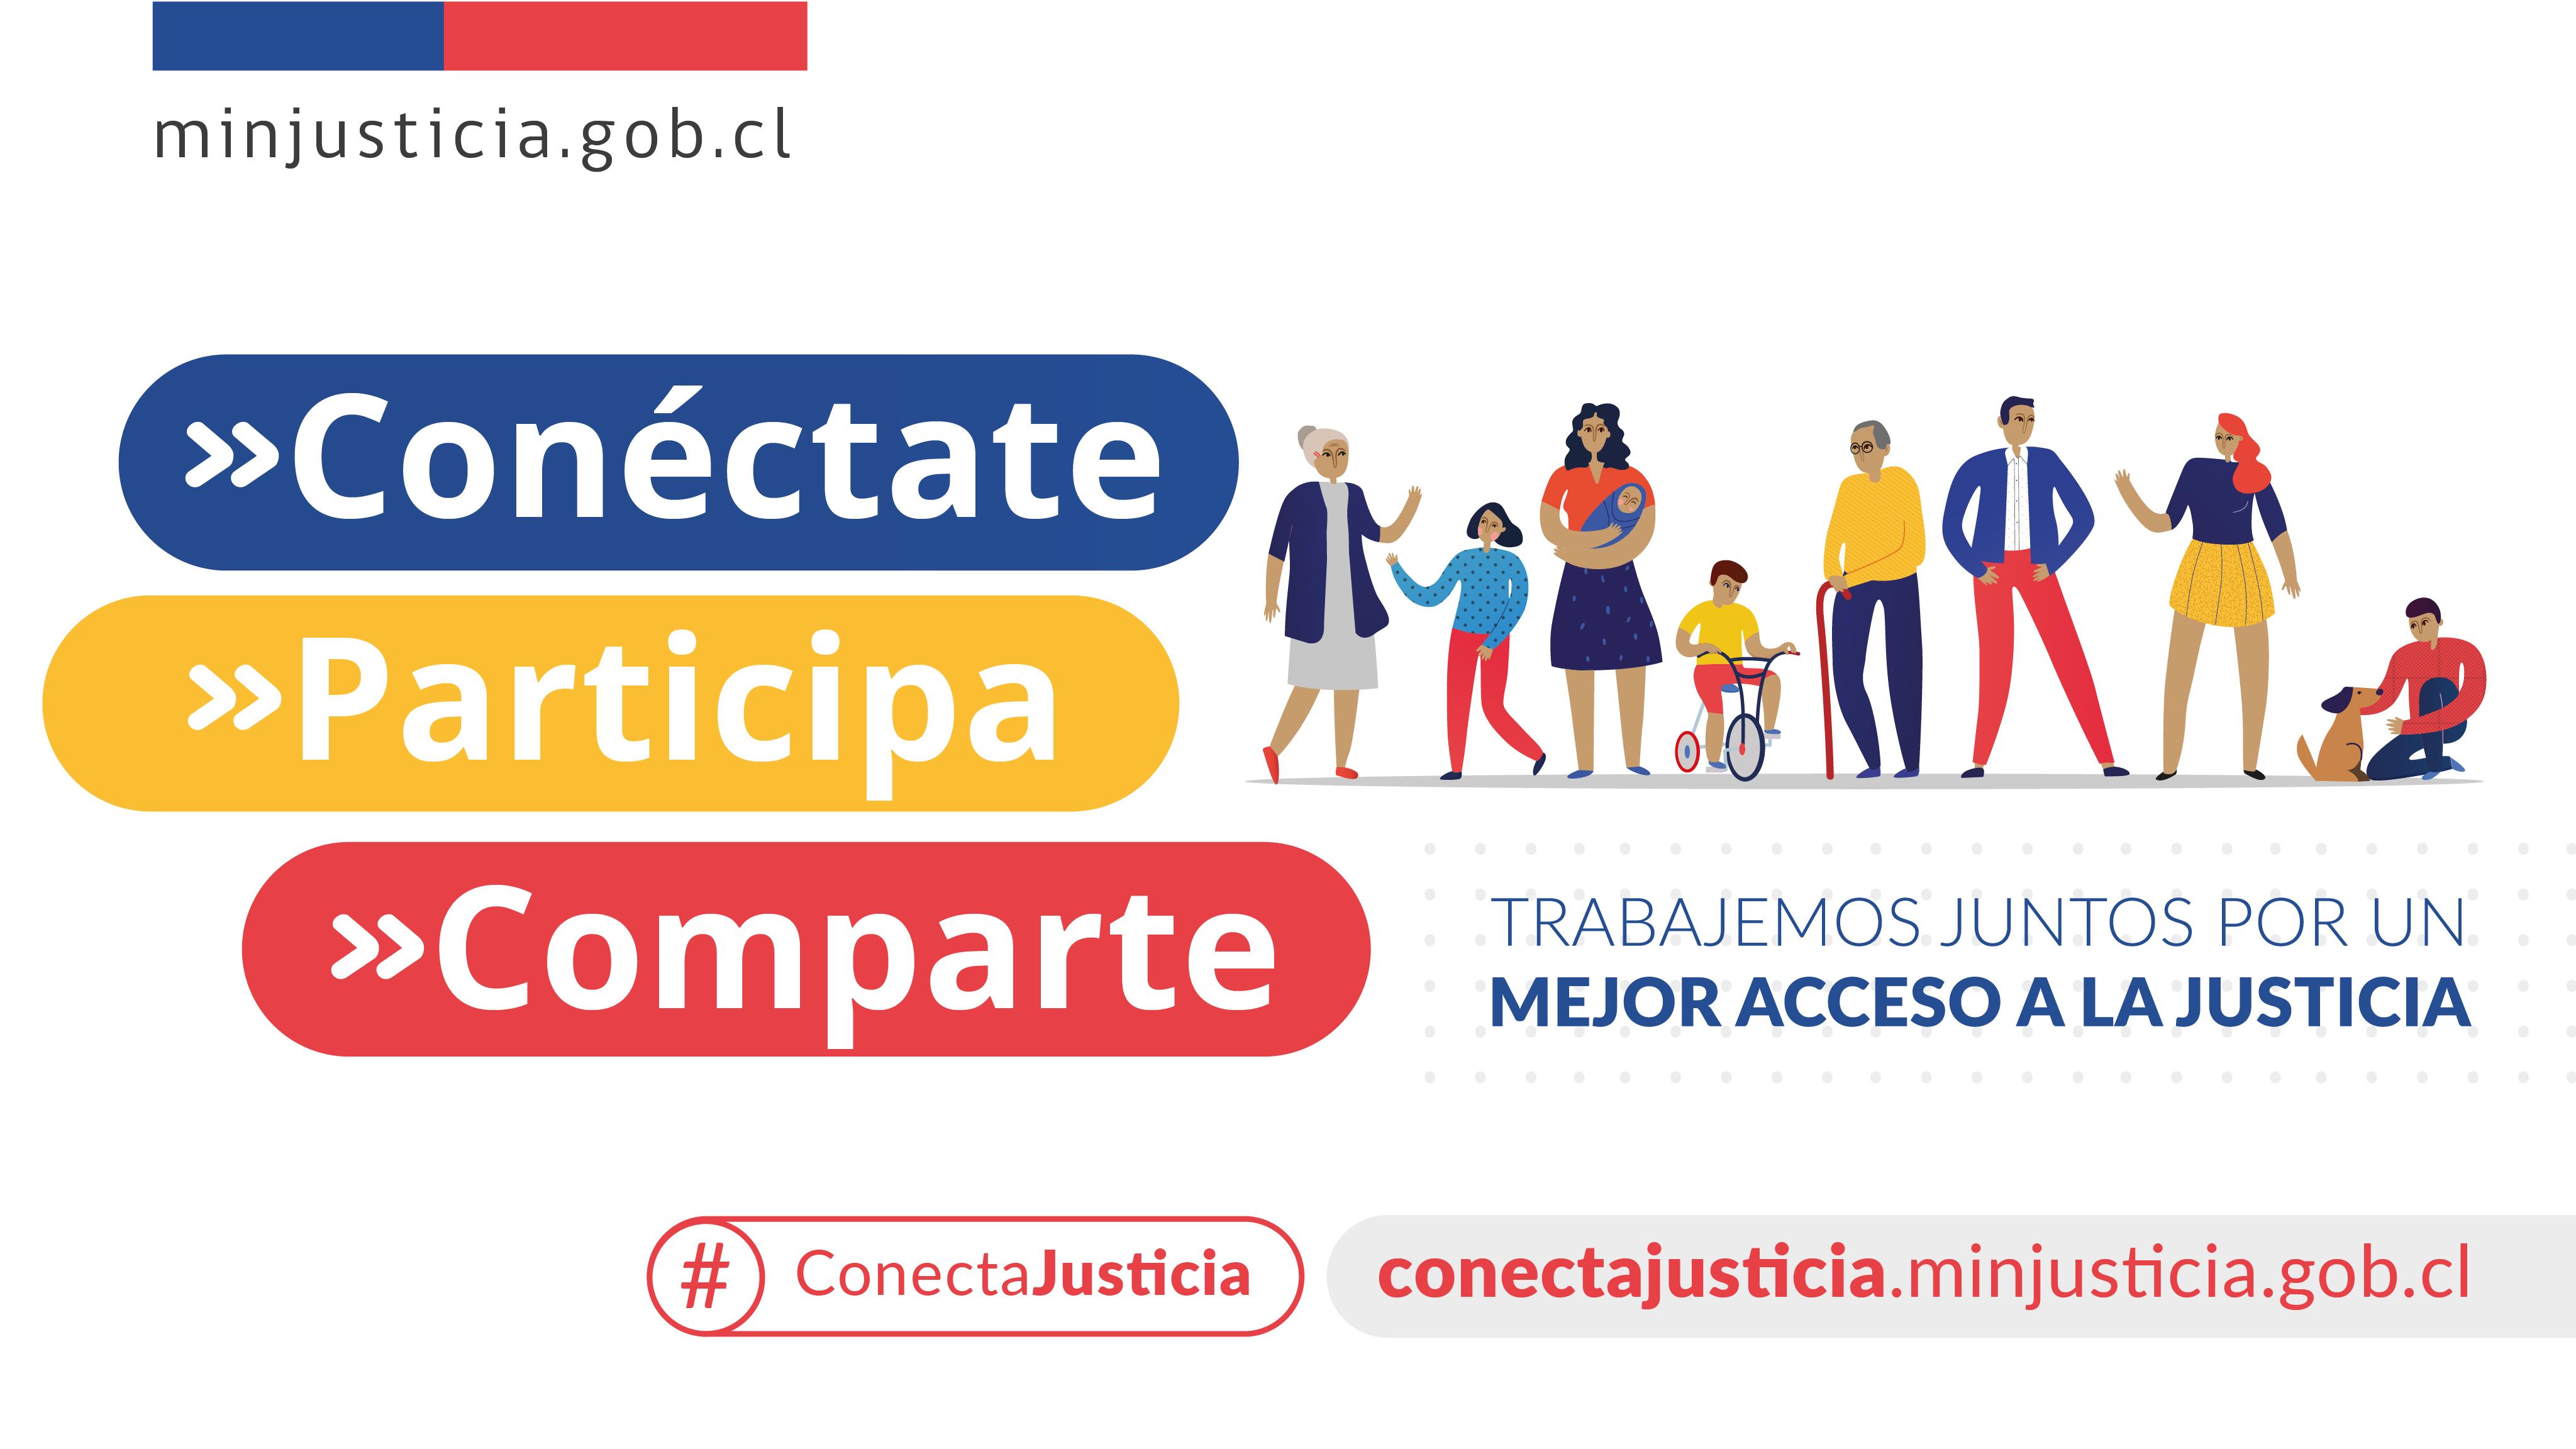 PRESENTAN NUEVA PLATAFORMA DIGITAL PARA CONOCER LA OPINIÓN DE LAS PERSONAS SOBRE EL FUNCIONAMIENTO DE LA JUSTICIA